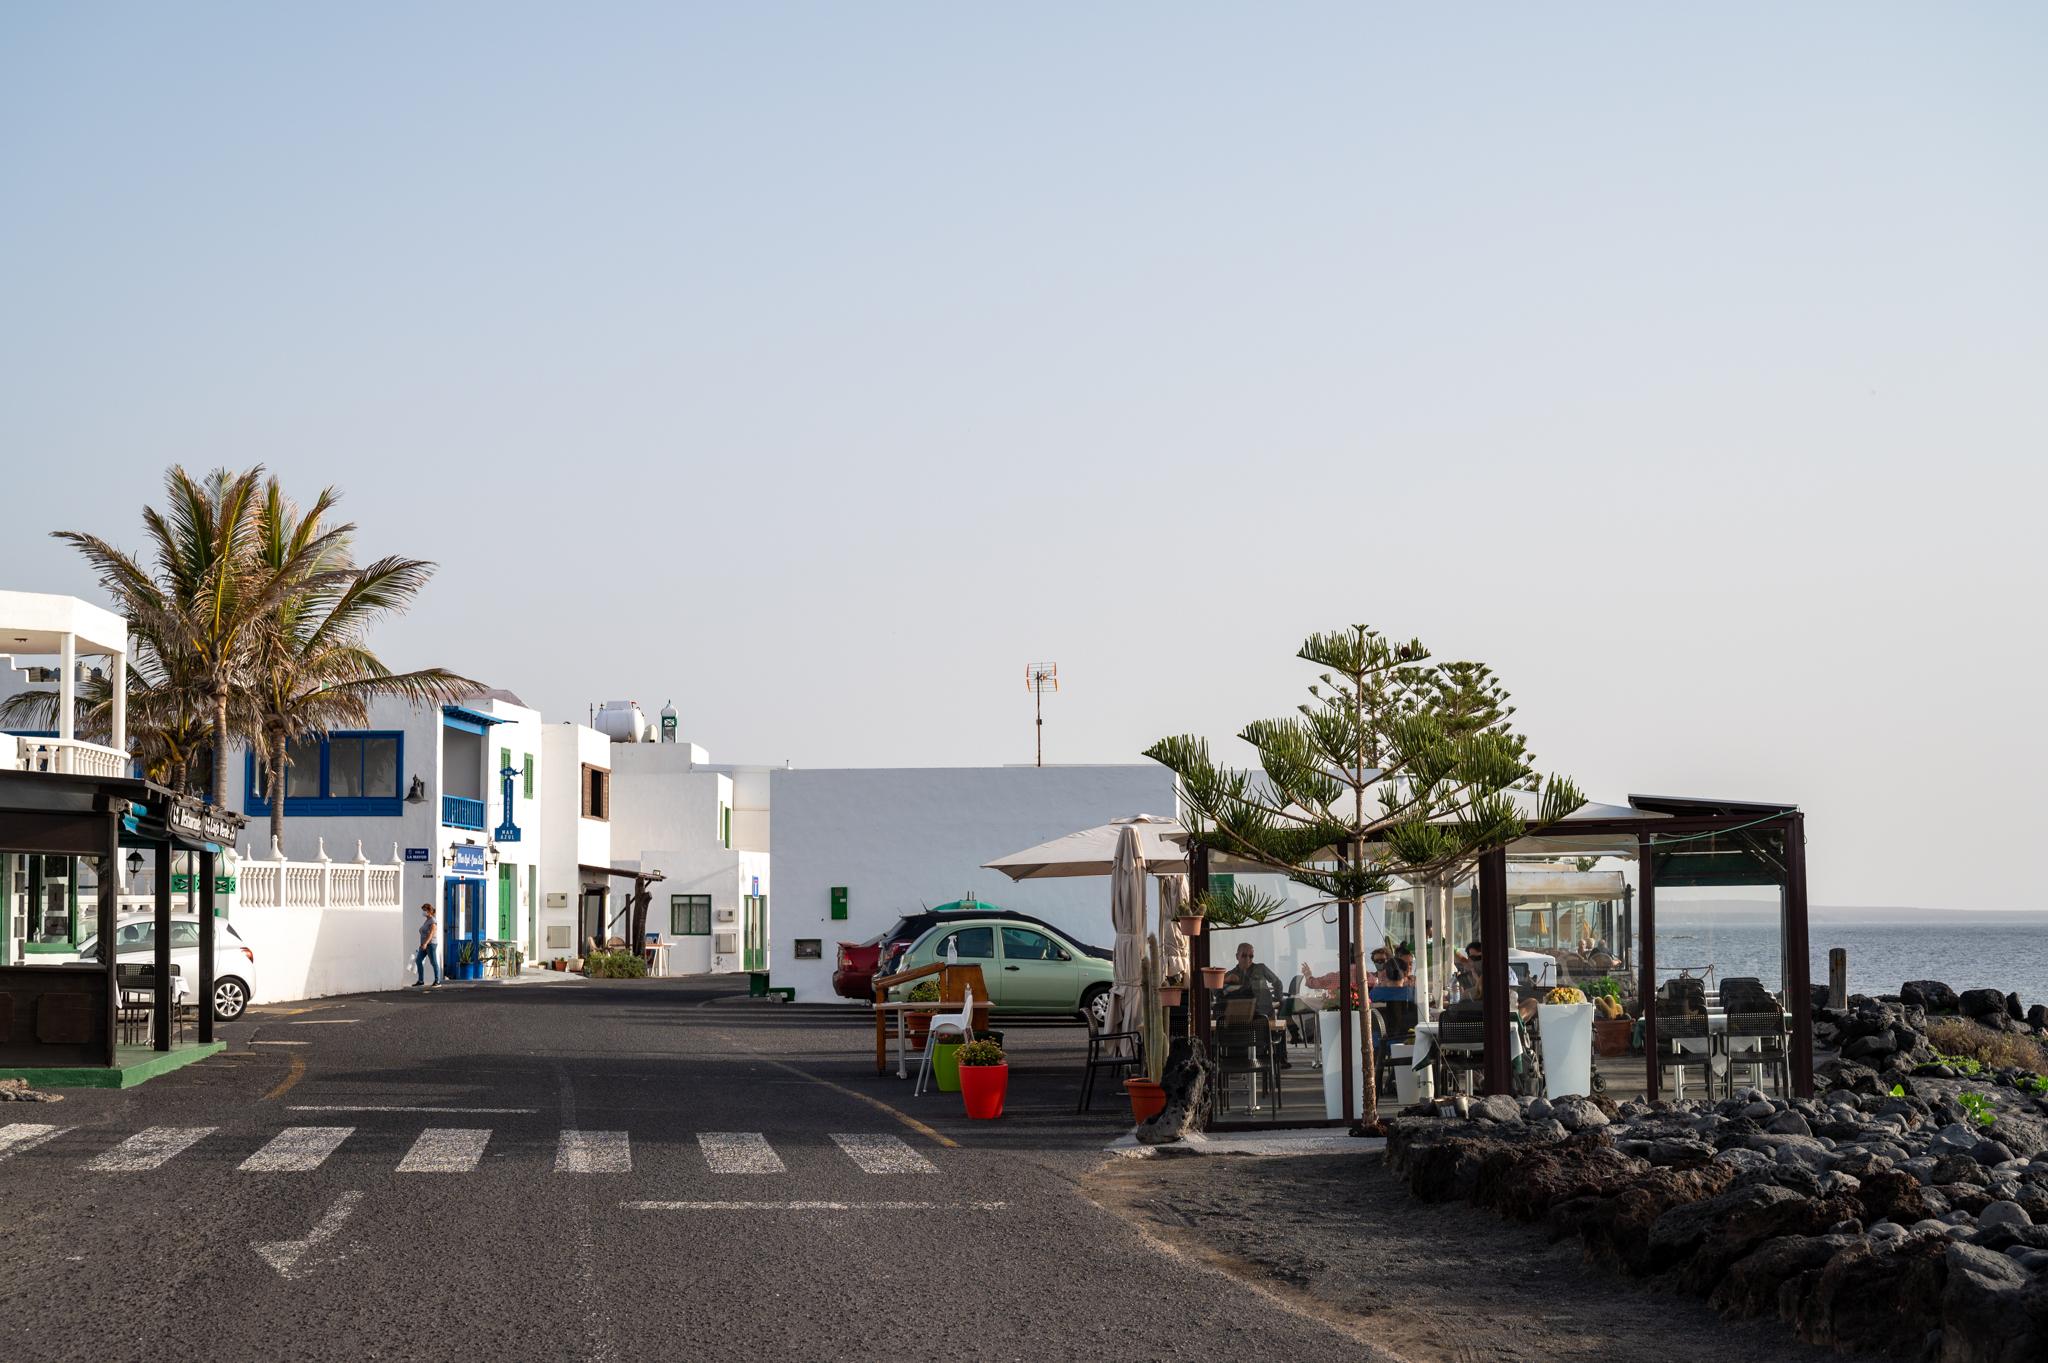 El Golfo auf Lanzarote